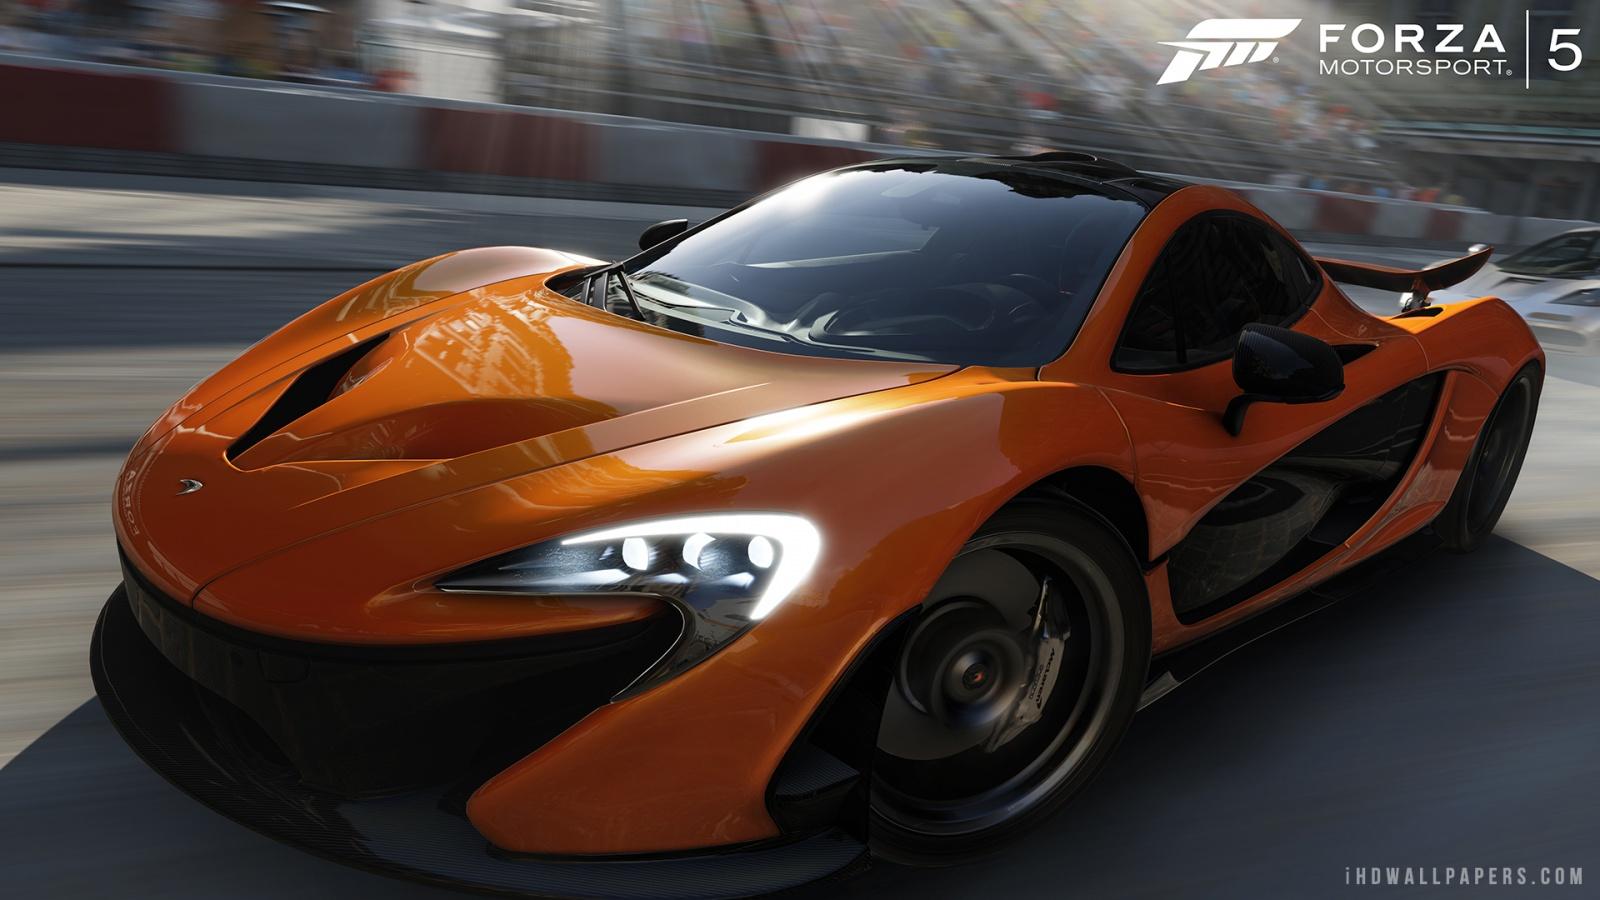 McLaren P1 in Forza 5 Wallpaper 1600x900